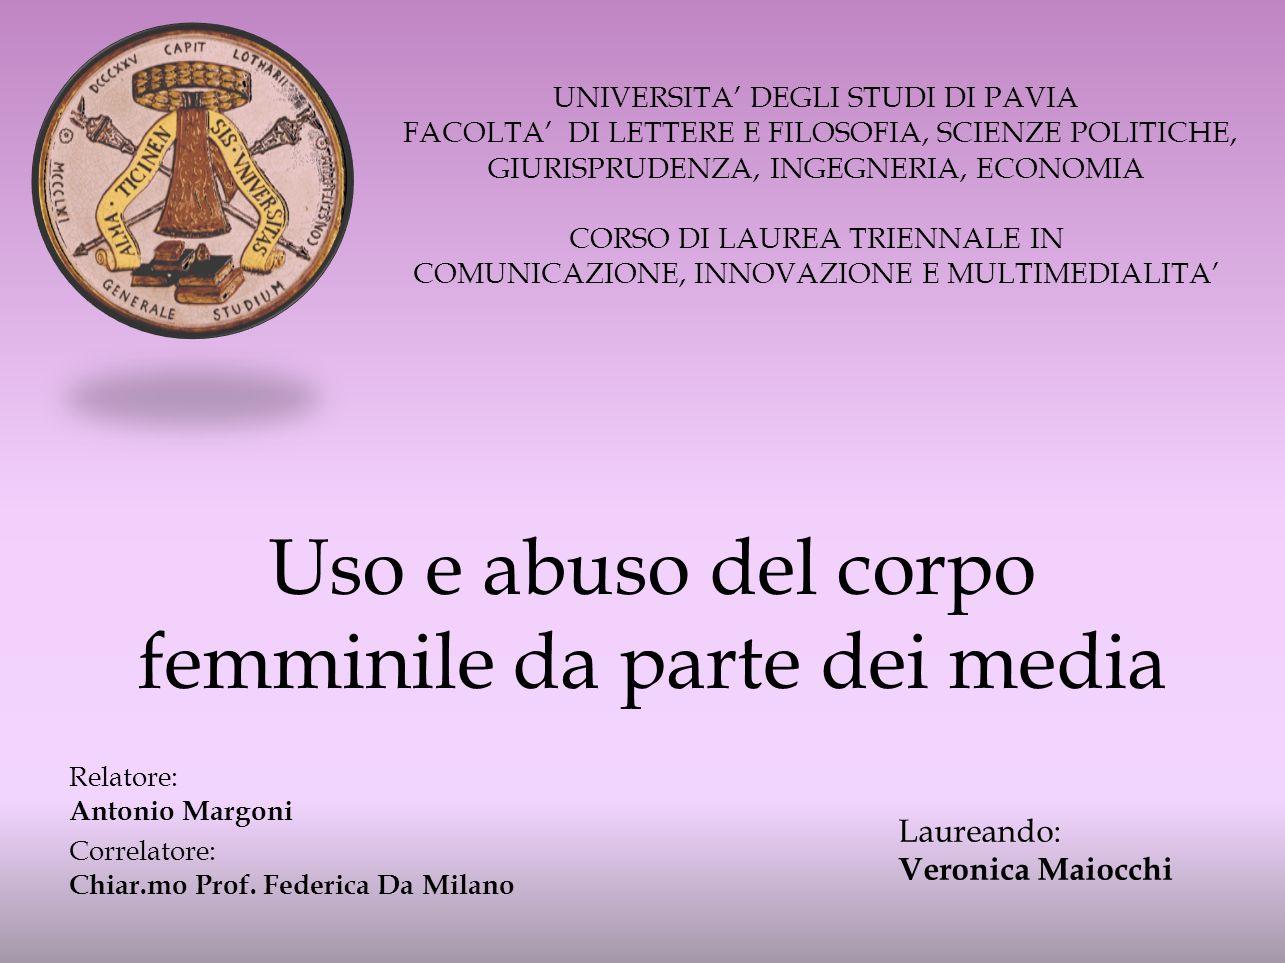 Uso e abuso del corpo femminile da parte dei media UNIVERSITA DEGLI STUDI DI PAVIA FACOLTA DI LETTERE E FILOSOFIA, SCIENZE POLITICHE, GIURISPRUDENZA,